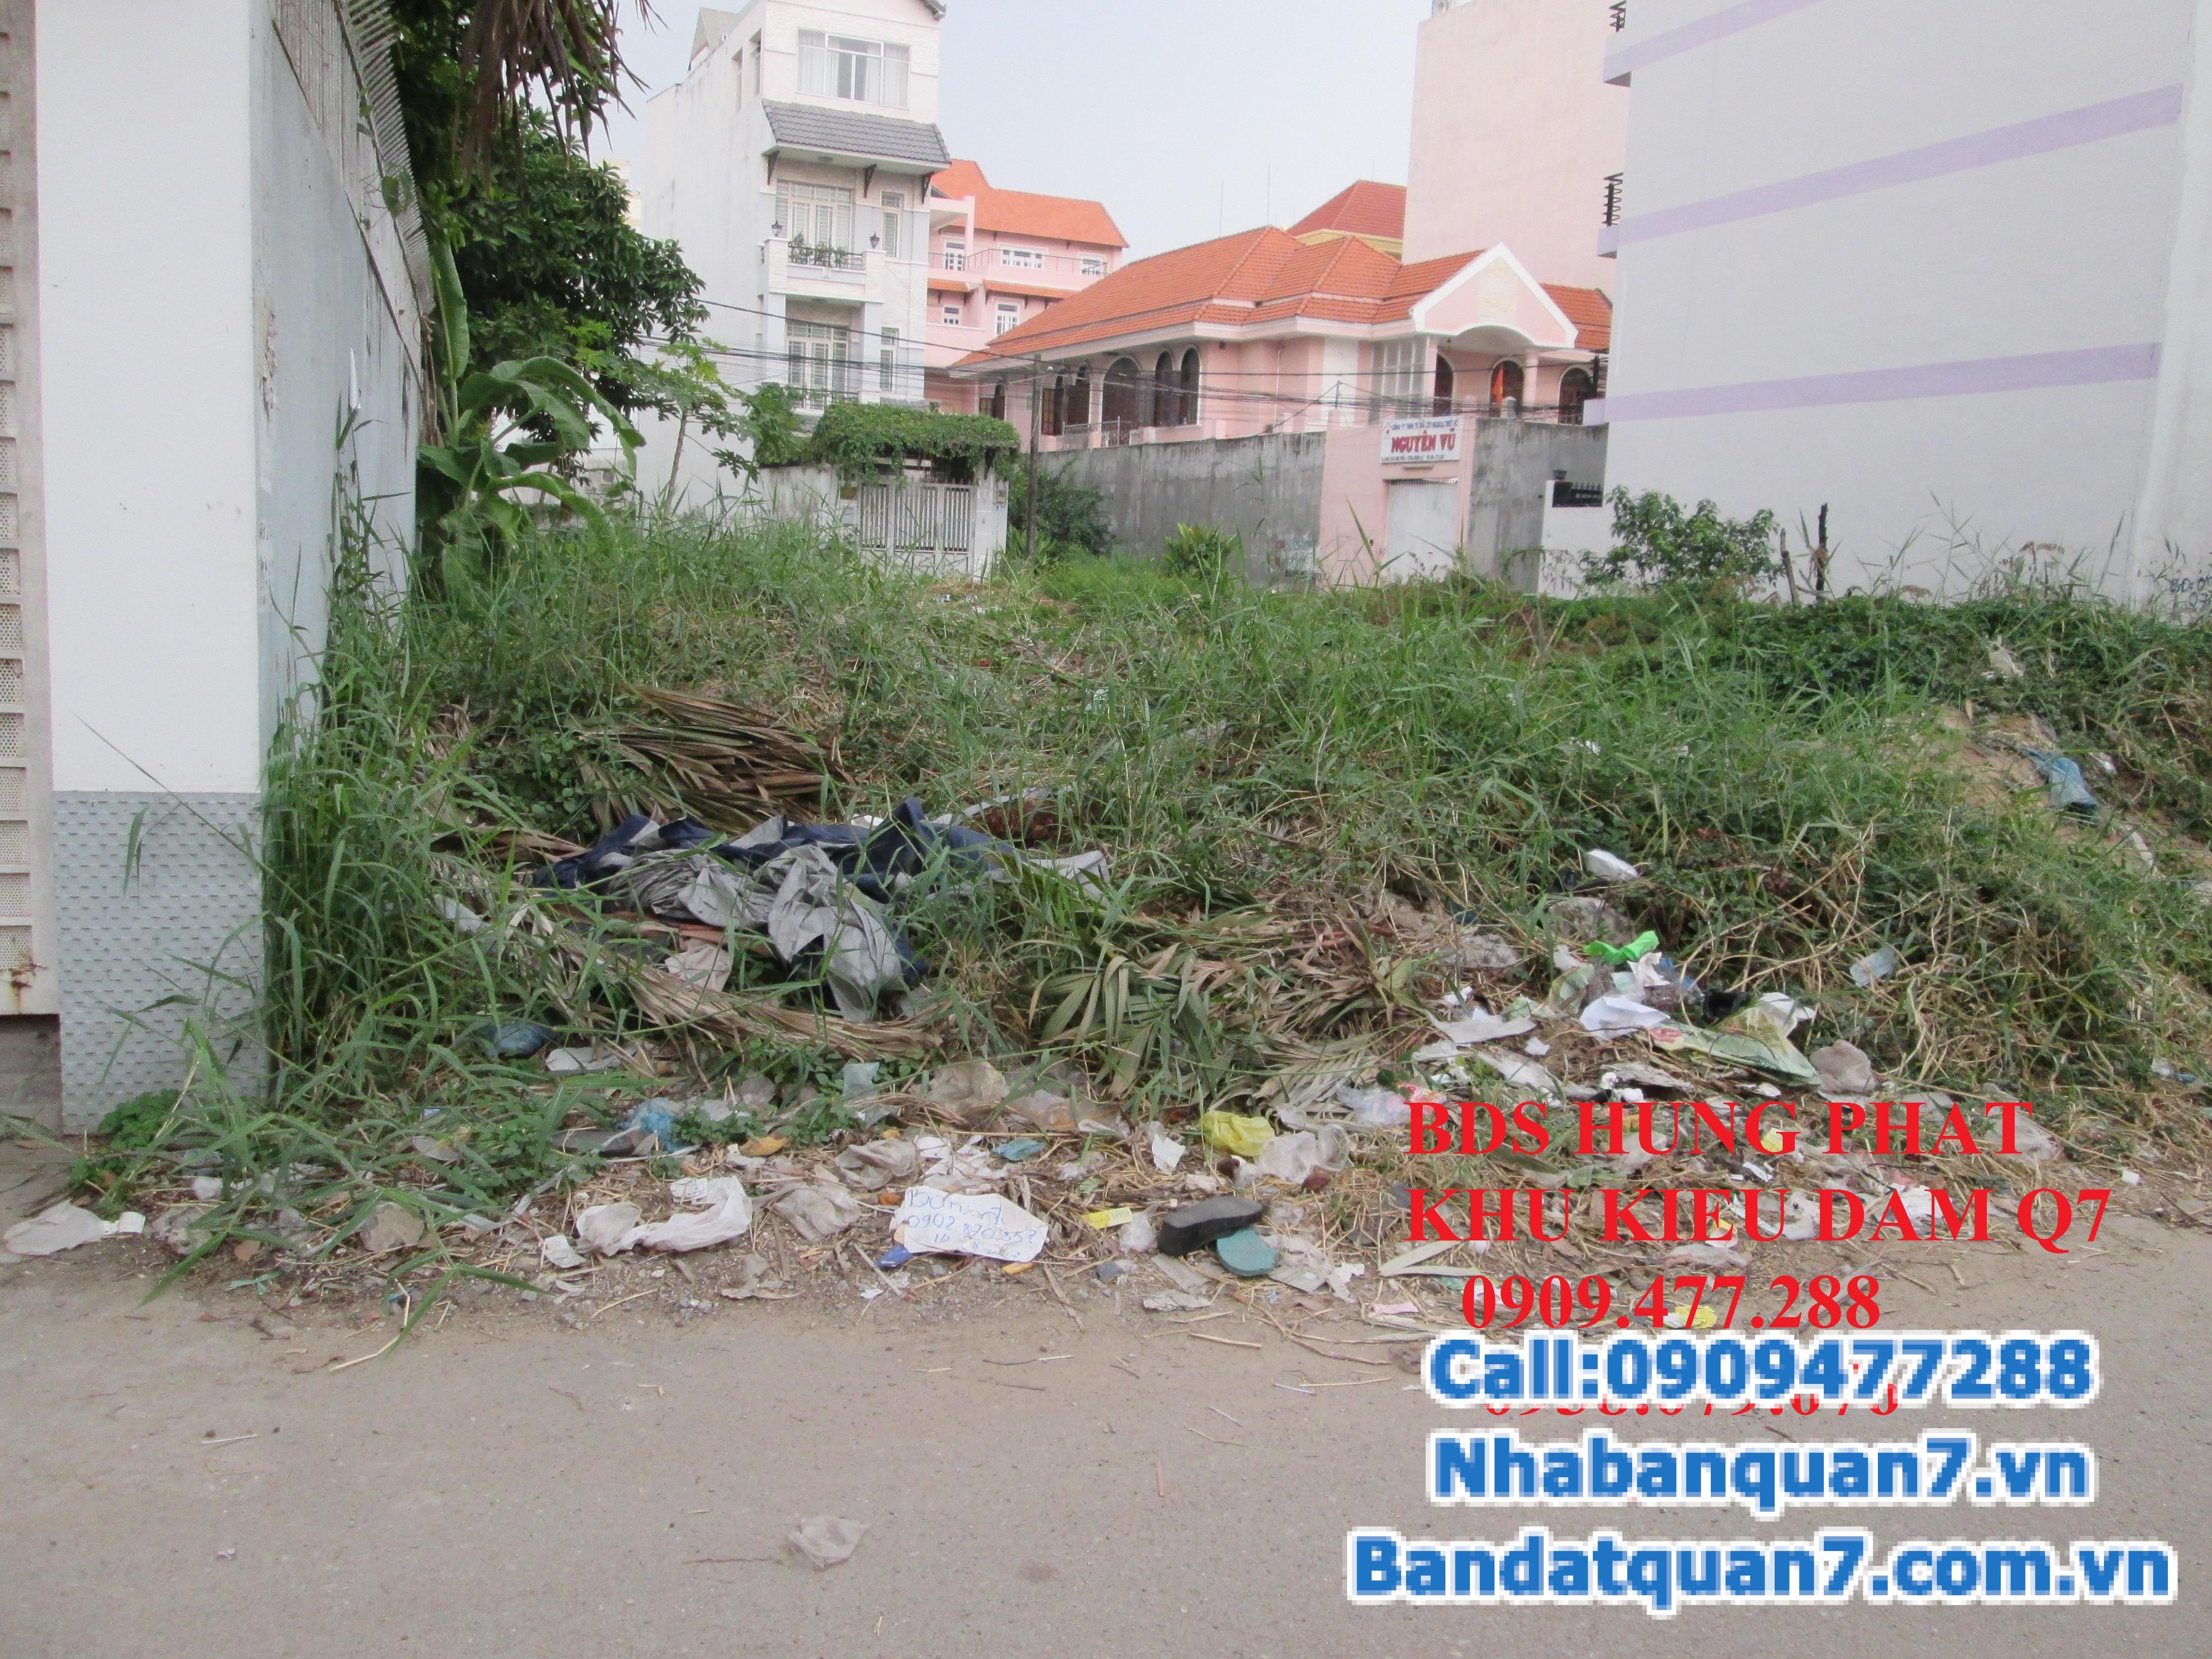 Bán đất Trần Xuân Soạn, Tân Hưng, Q7 (Đất mặt tiền đường chính vào khu Kiều Đàm)